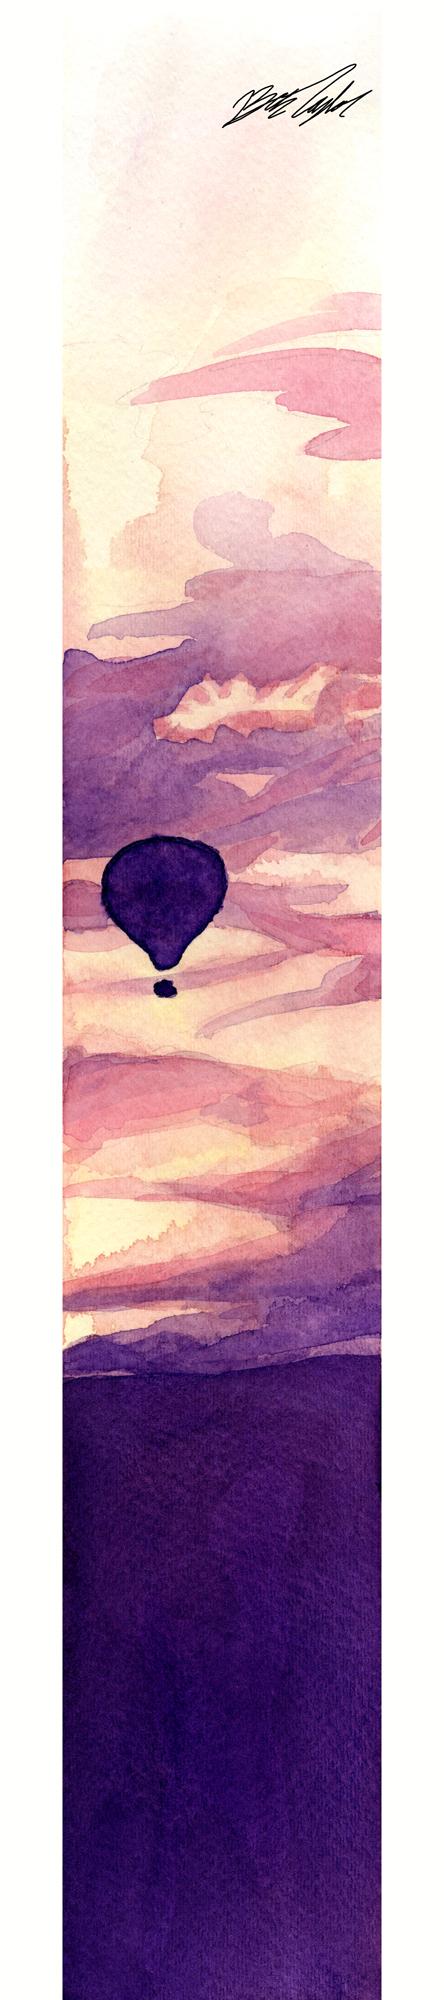 Air Balloon 5- Evening by rontufox